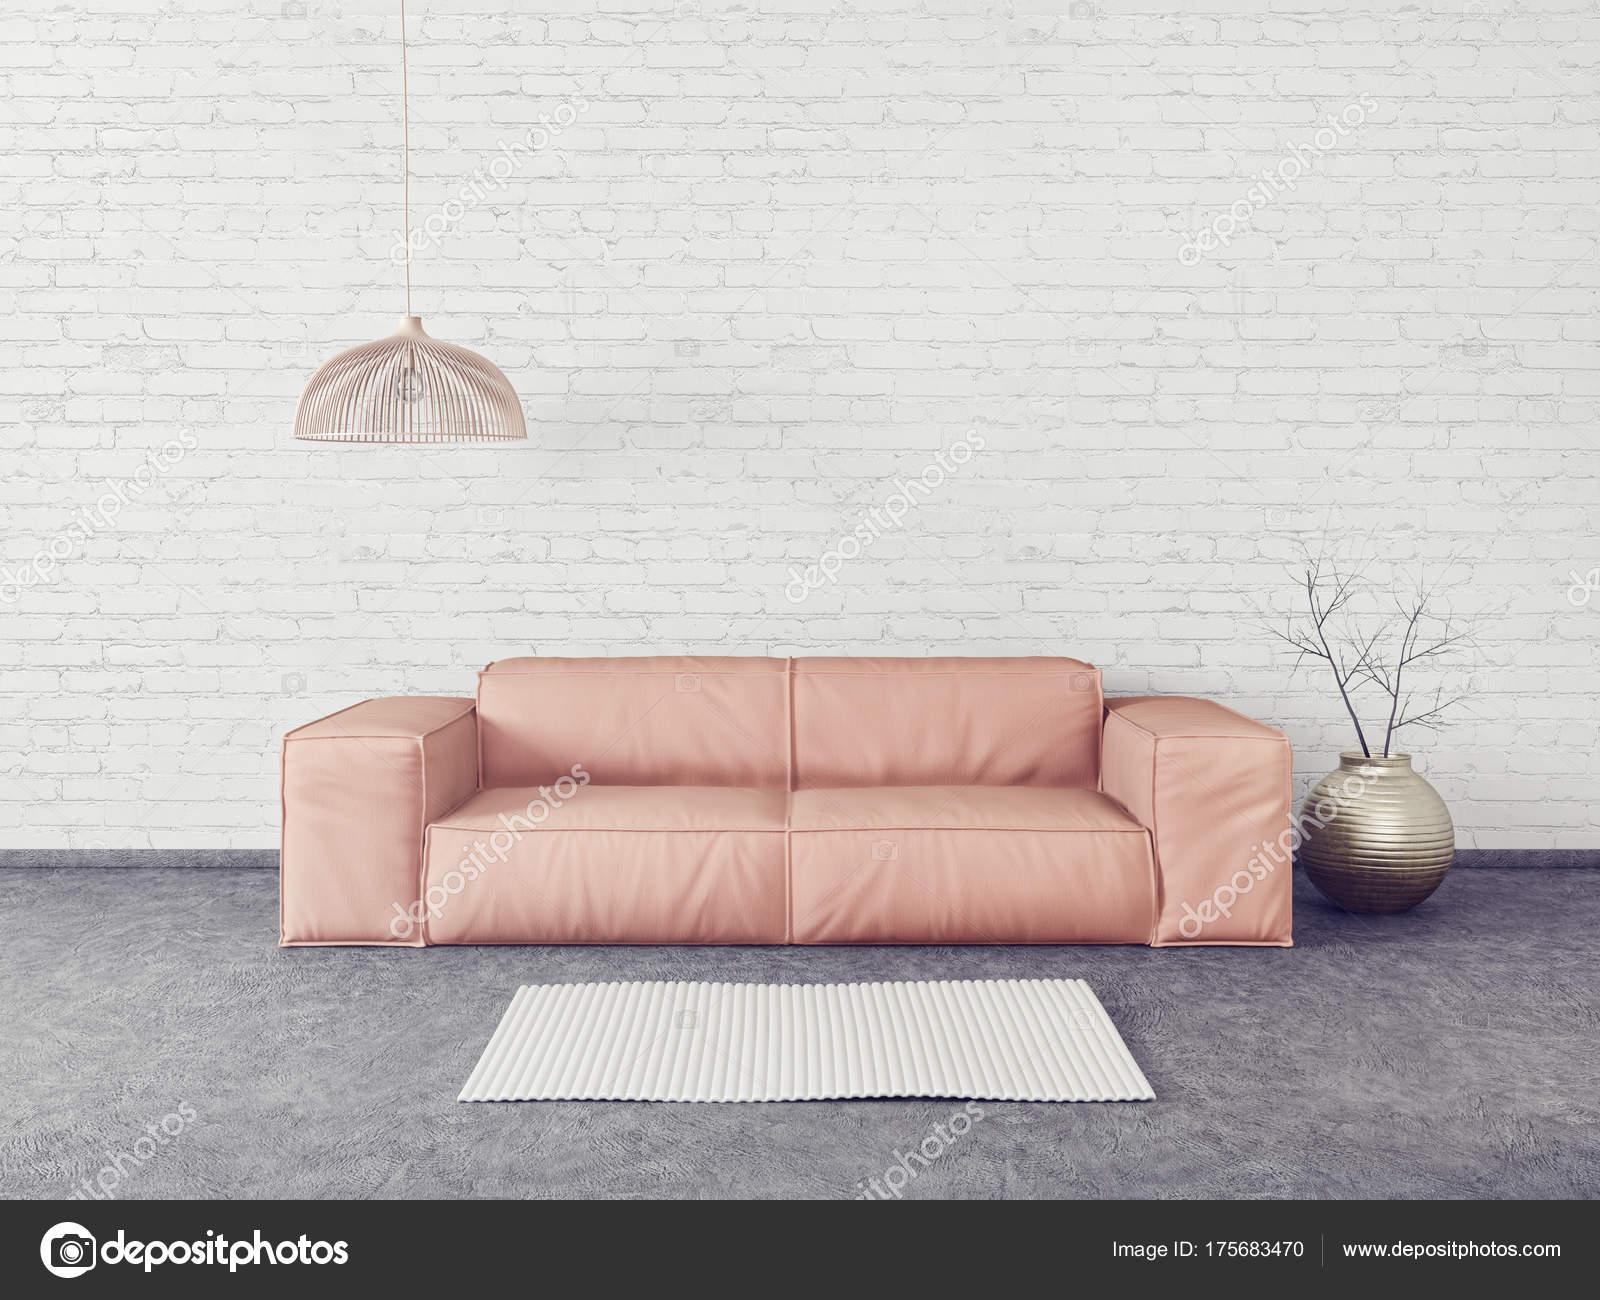 Salon Moderne Avec Canapé Rose Et Lampe. Meubles Design Intérieur Scandinave.  Illustration De Rendu 3D U2014 Image De ...